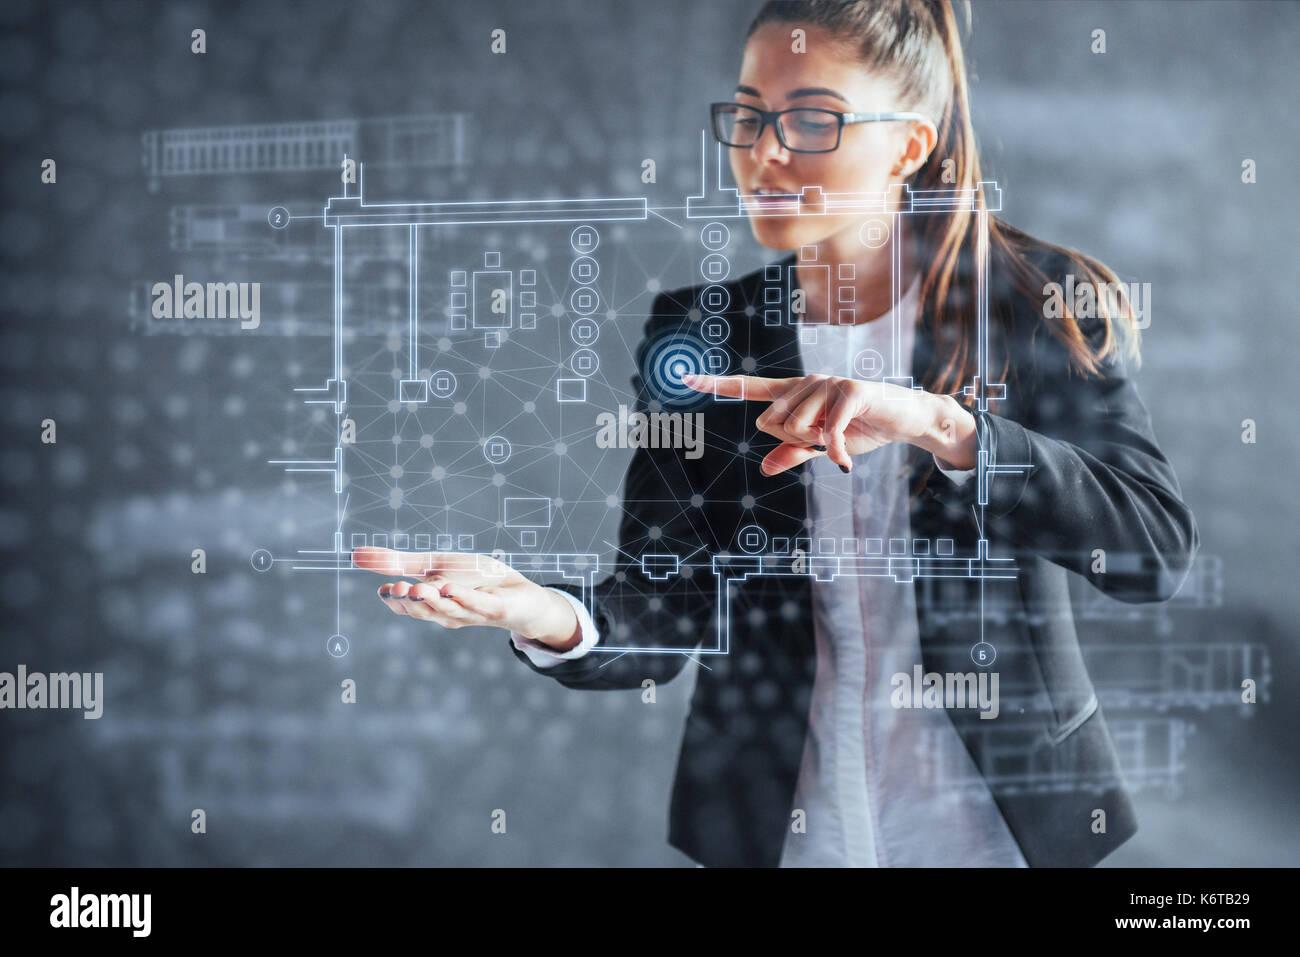 Die Person im Vorstand einer finanziellen Dashboards mit den wichtigsten Indikatoren der Entwicklung an den Aktienmärkten und Business Intelligence. Stockbild